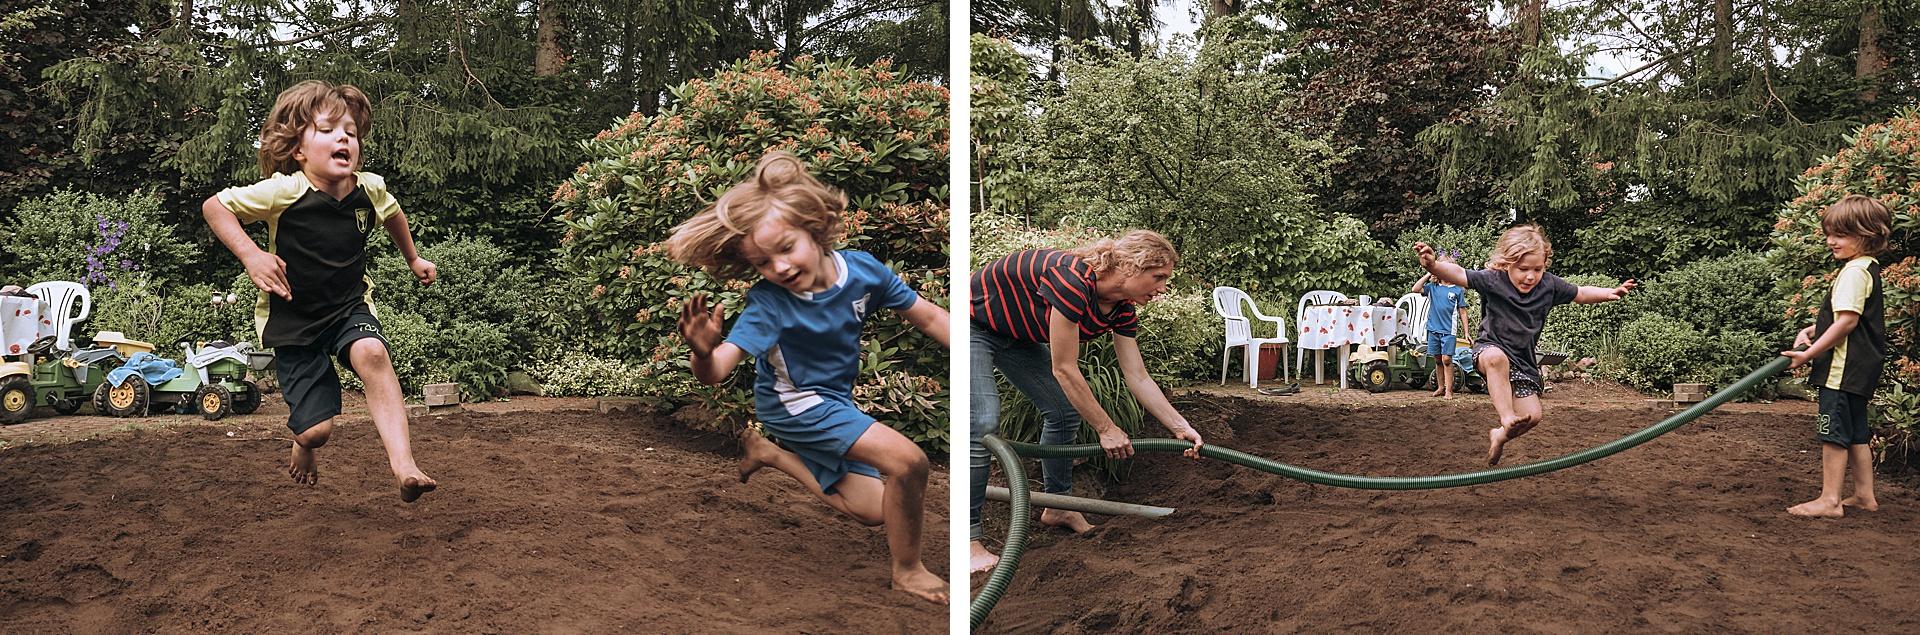 Gartenweitsprung auf dem ehemaligen Gartenteich